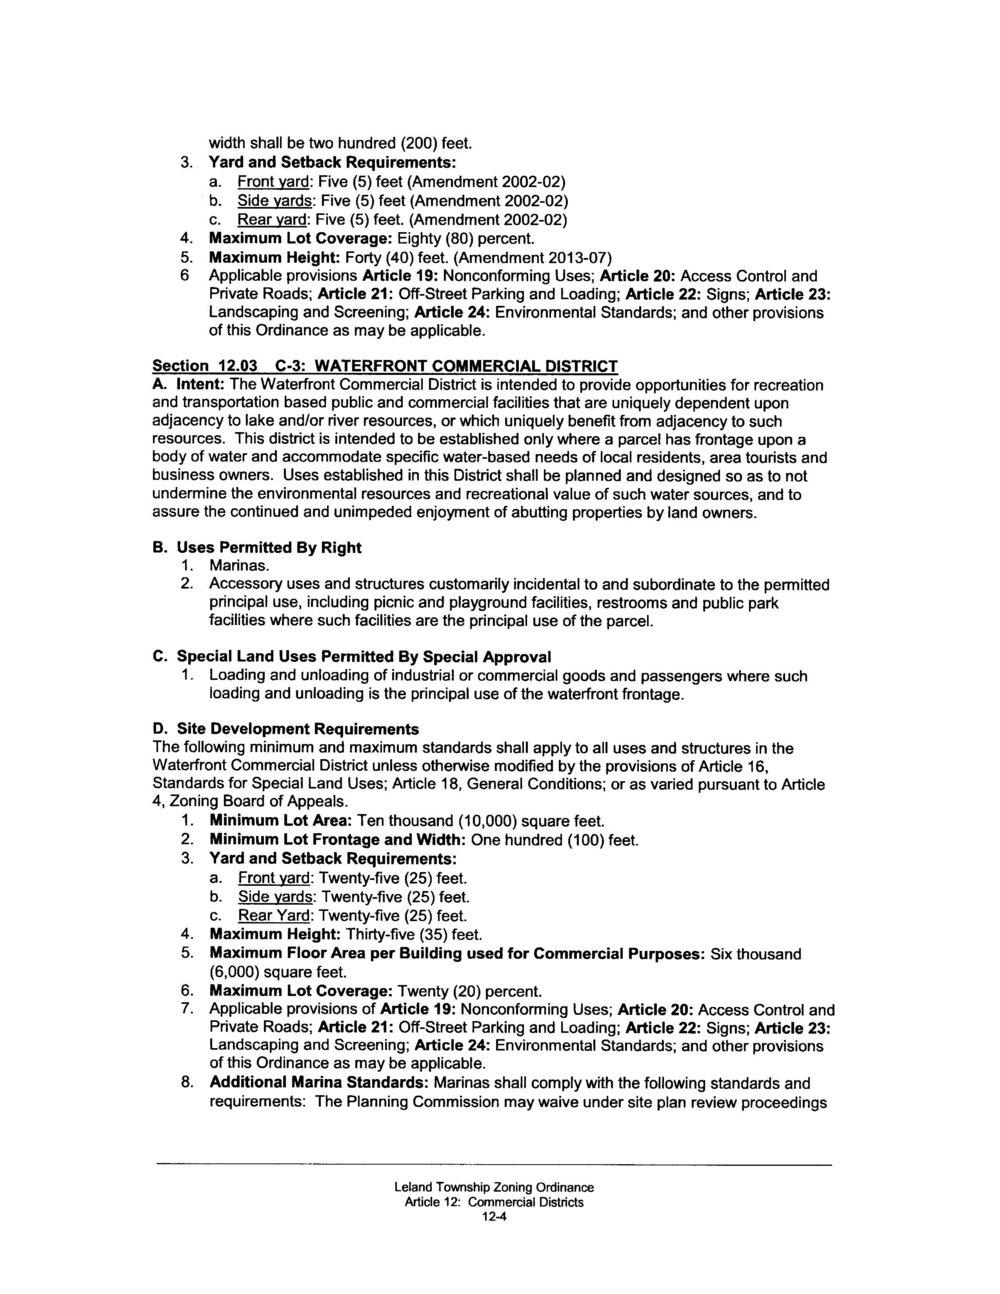 45 N Eagle Highway, Lake Leelanau, Real Estate For Sale by Oltersdorf Realty - Marketing Packet (25).jpg